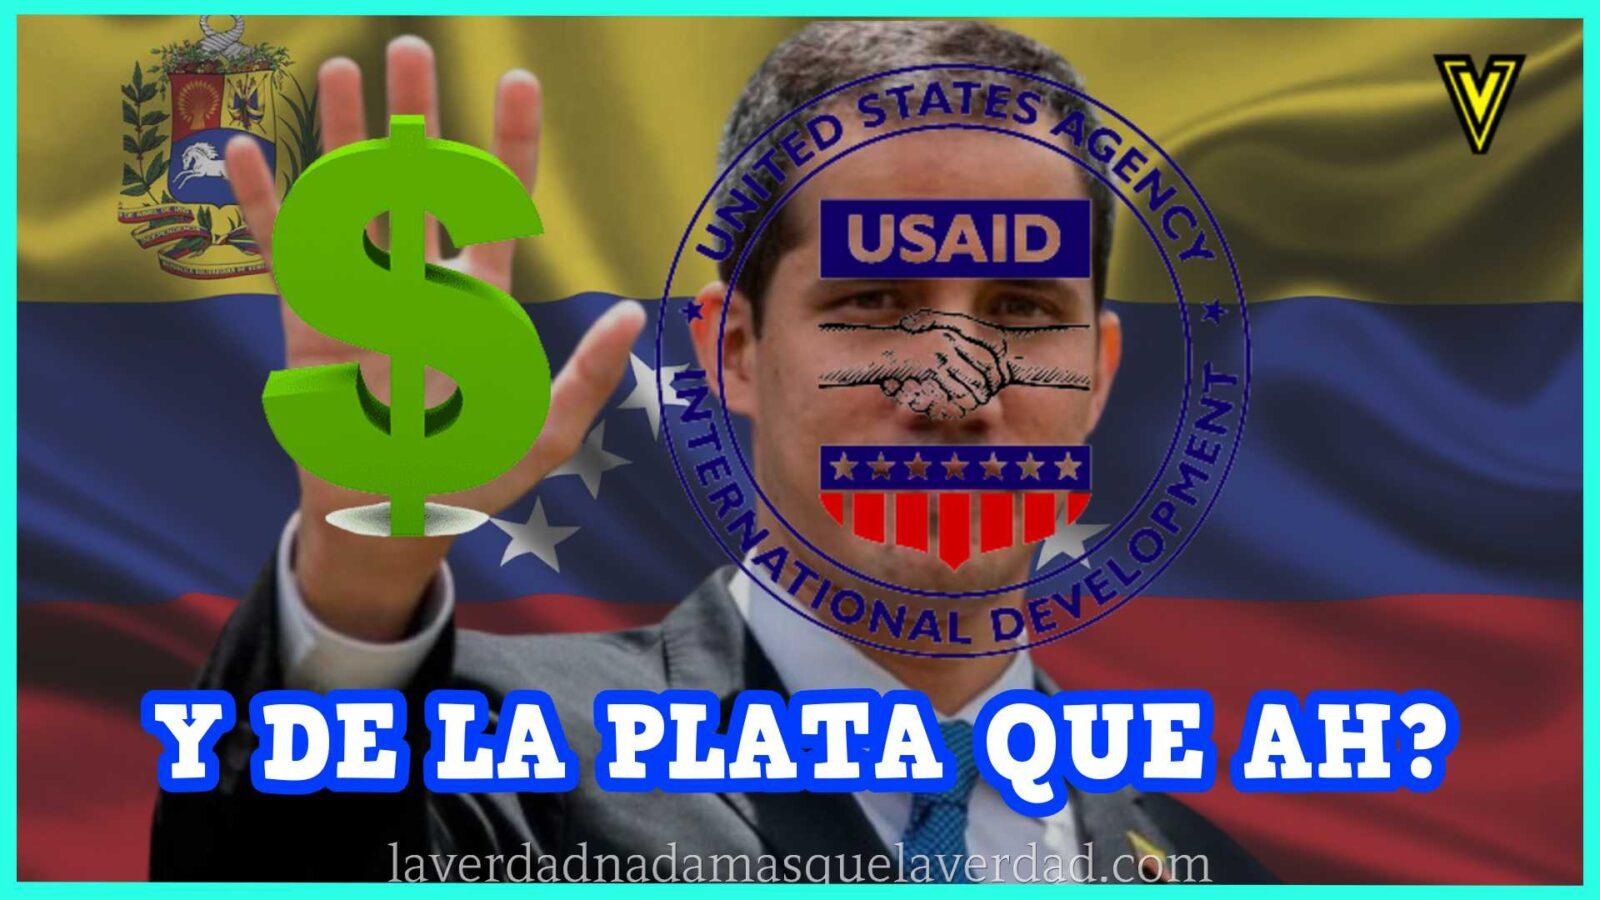 500 millones de dólares entregados por la USAID para ayuda humanitaria a los venezolanos